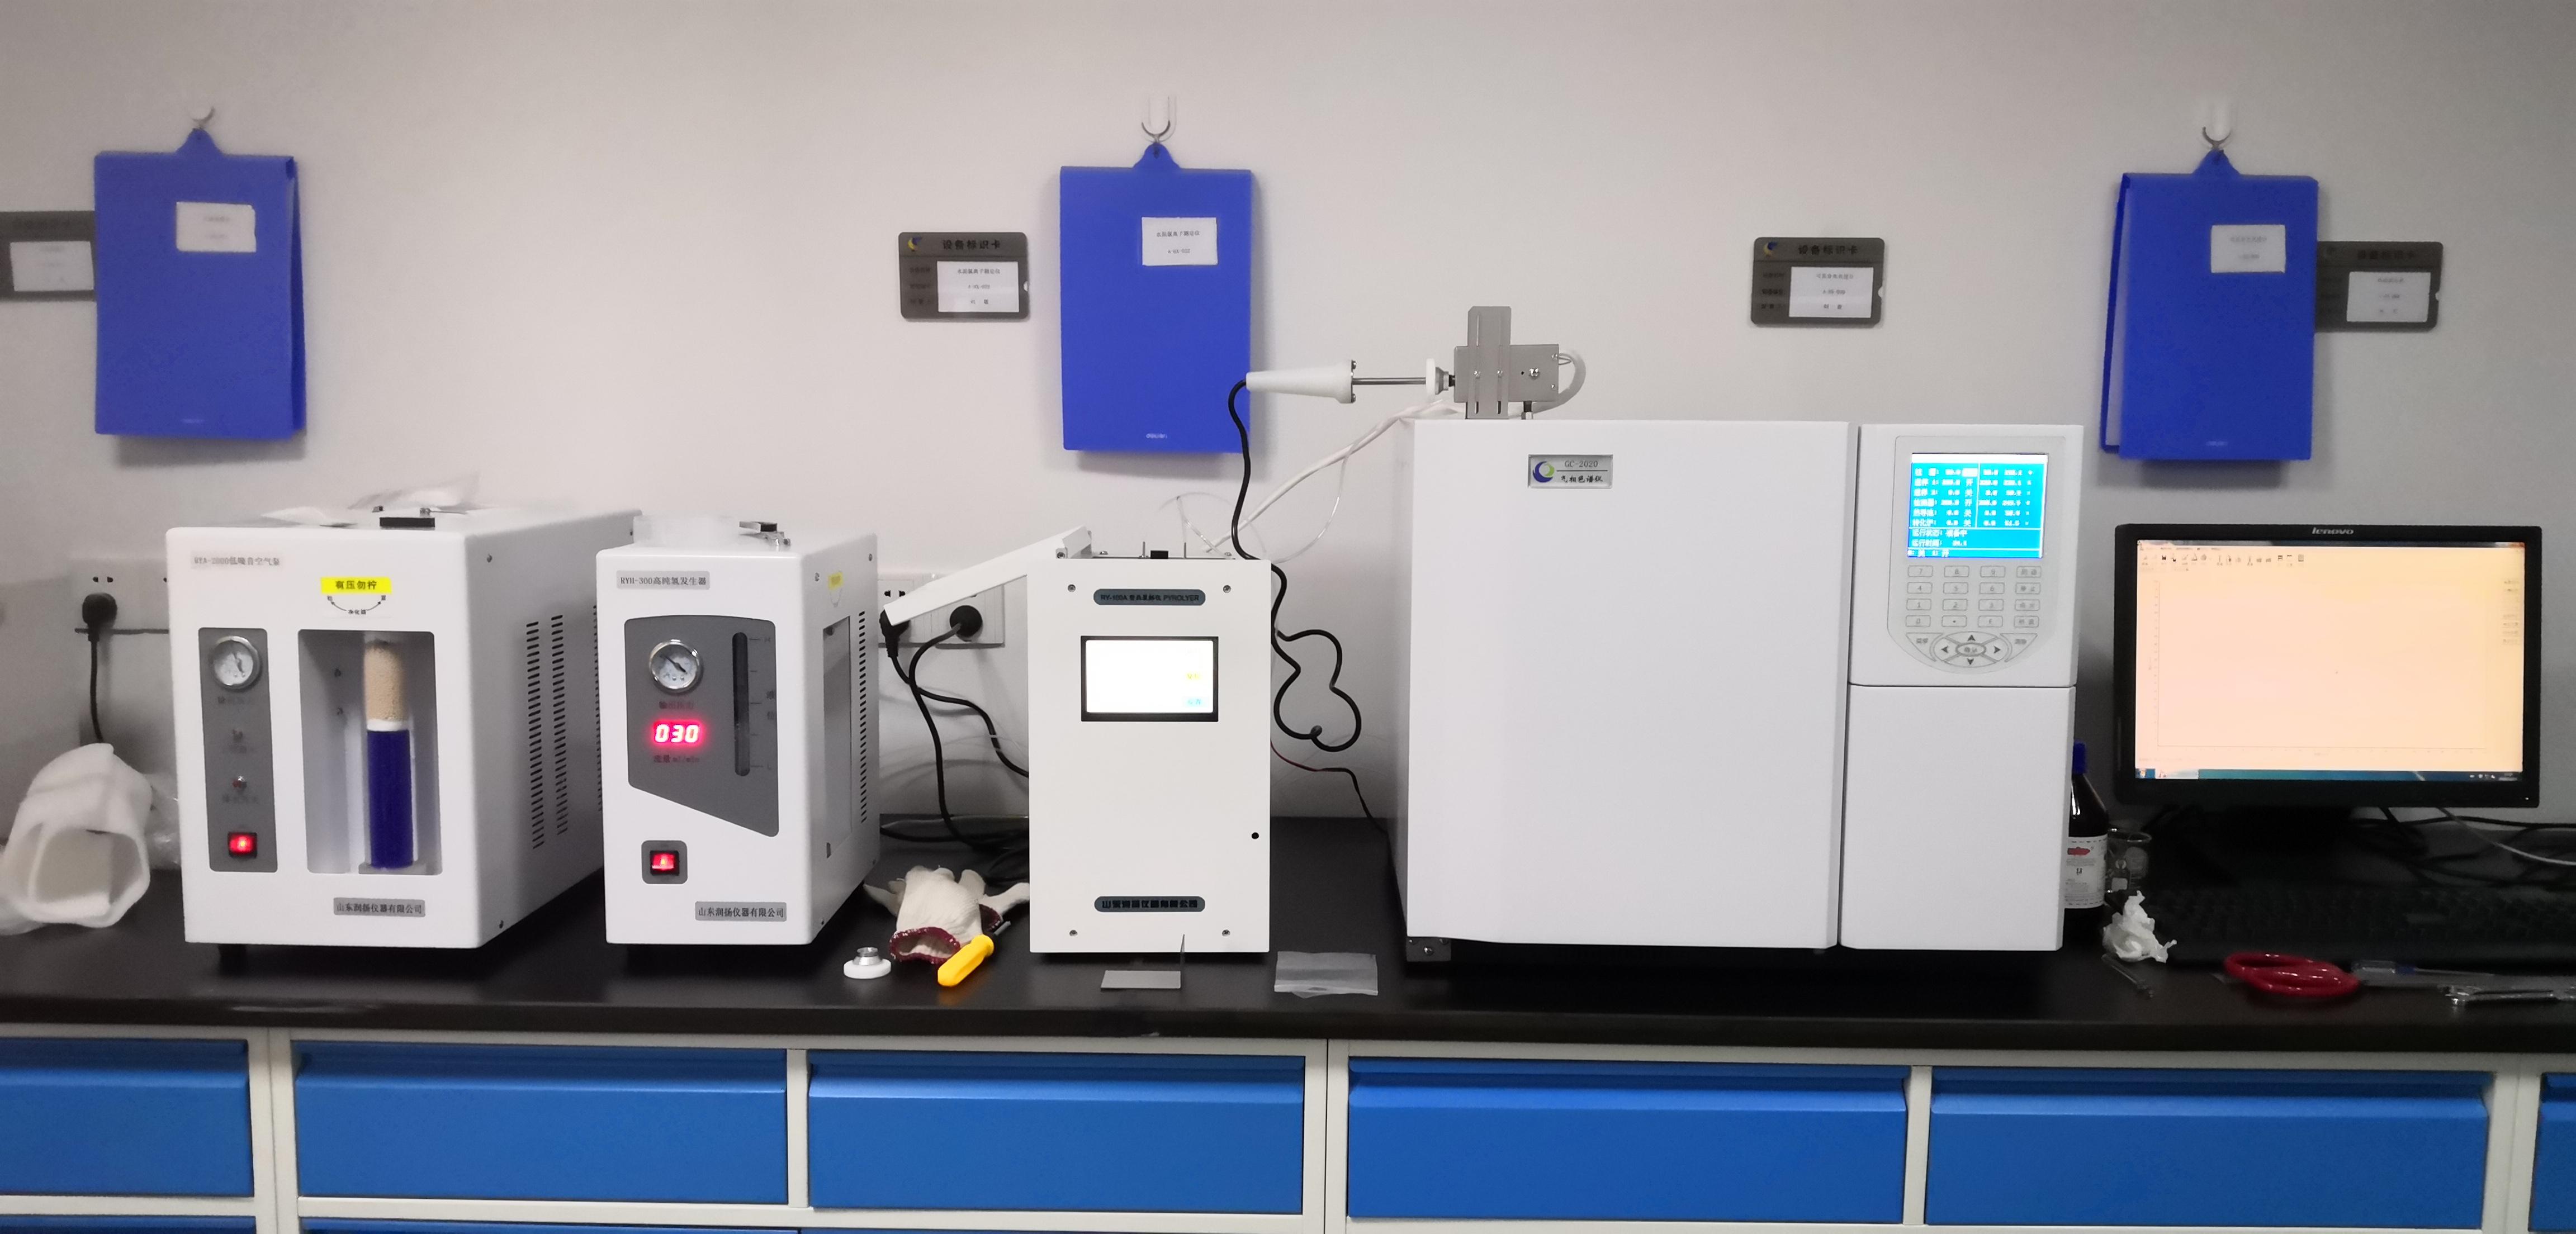 气相色谱仪分析常用术语及基本概念解释